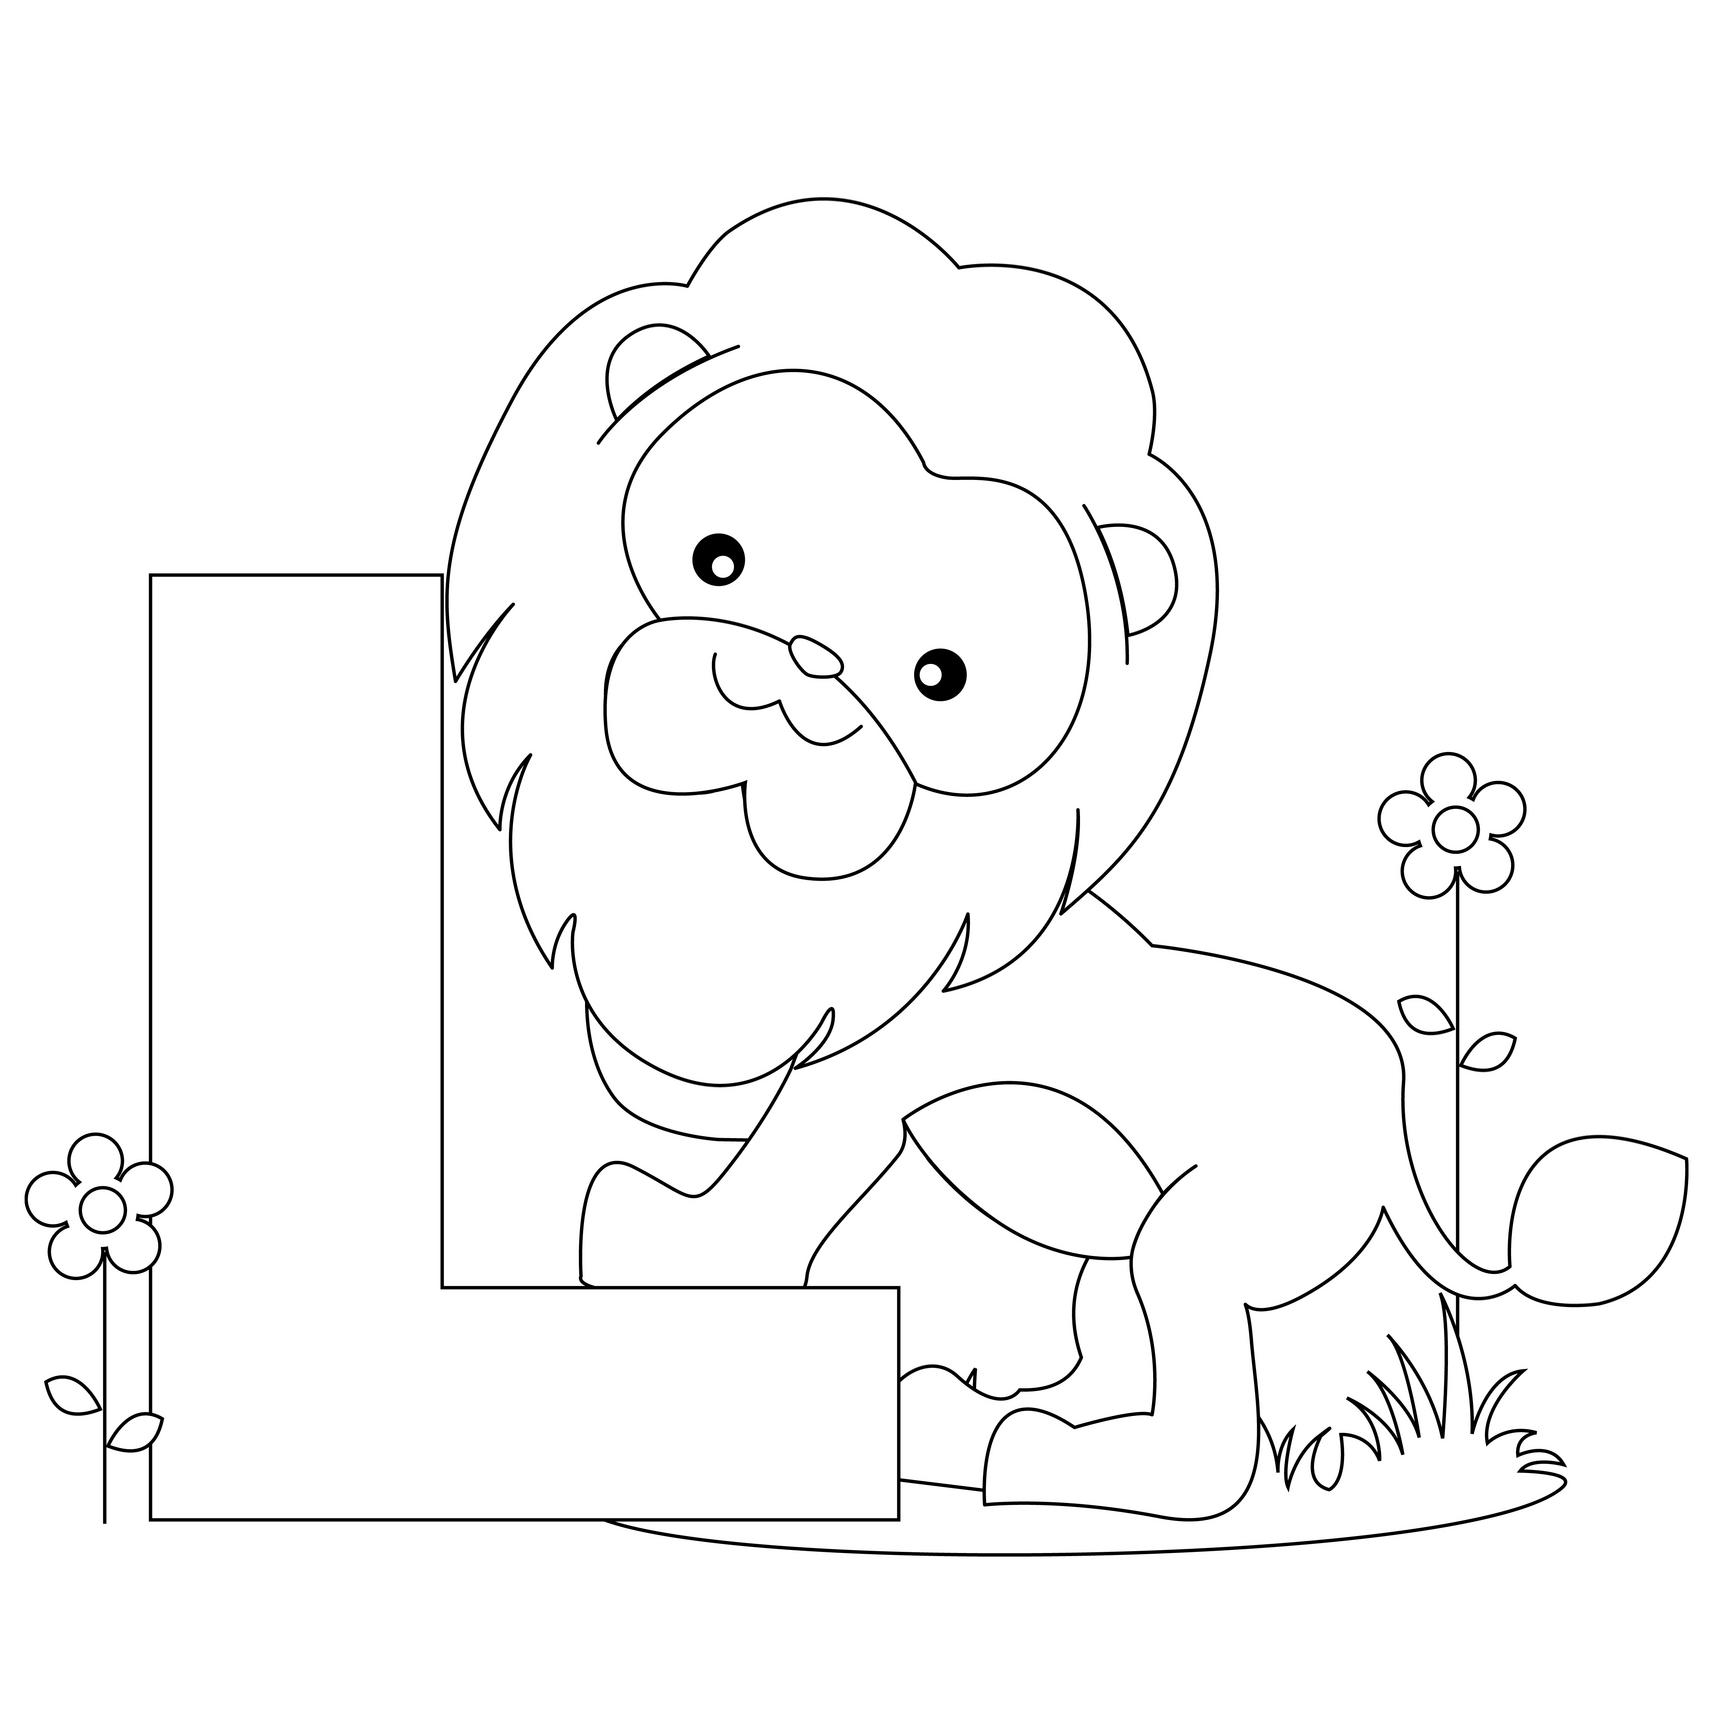 1732x1732 Image Detail For Animal Alphabet Letter L Coloring Worksheet